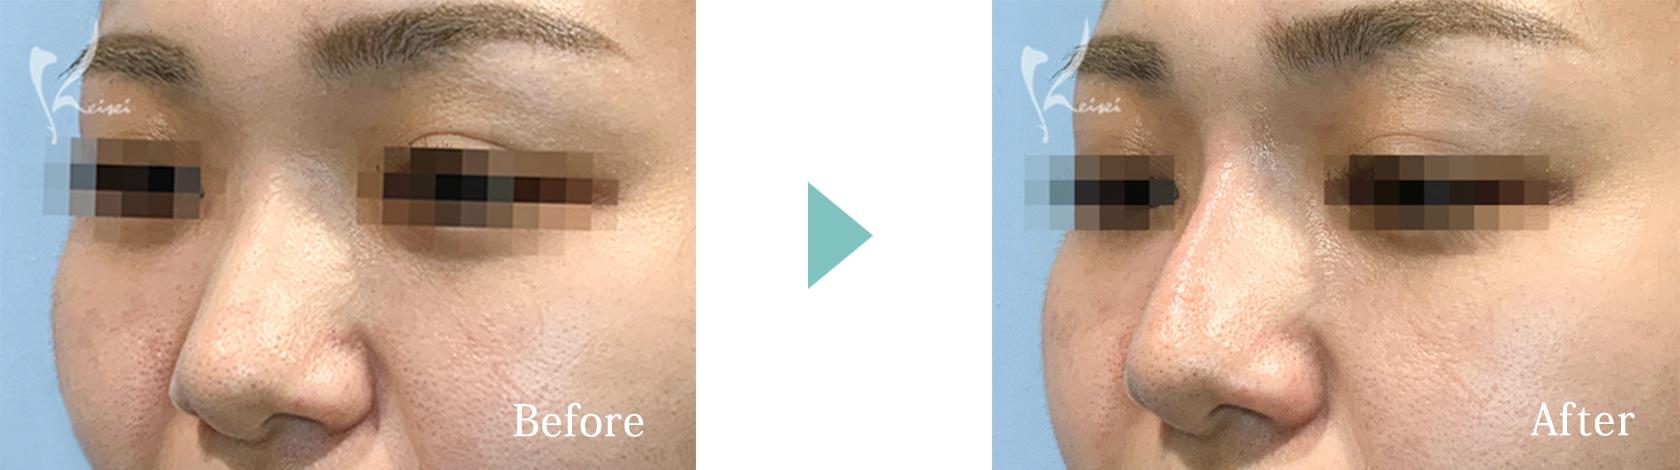 鼻ヒアルロン酸注入の症例2 斜めからの画像